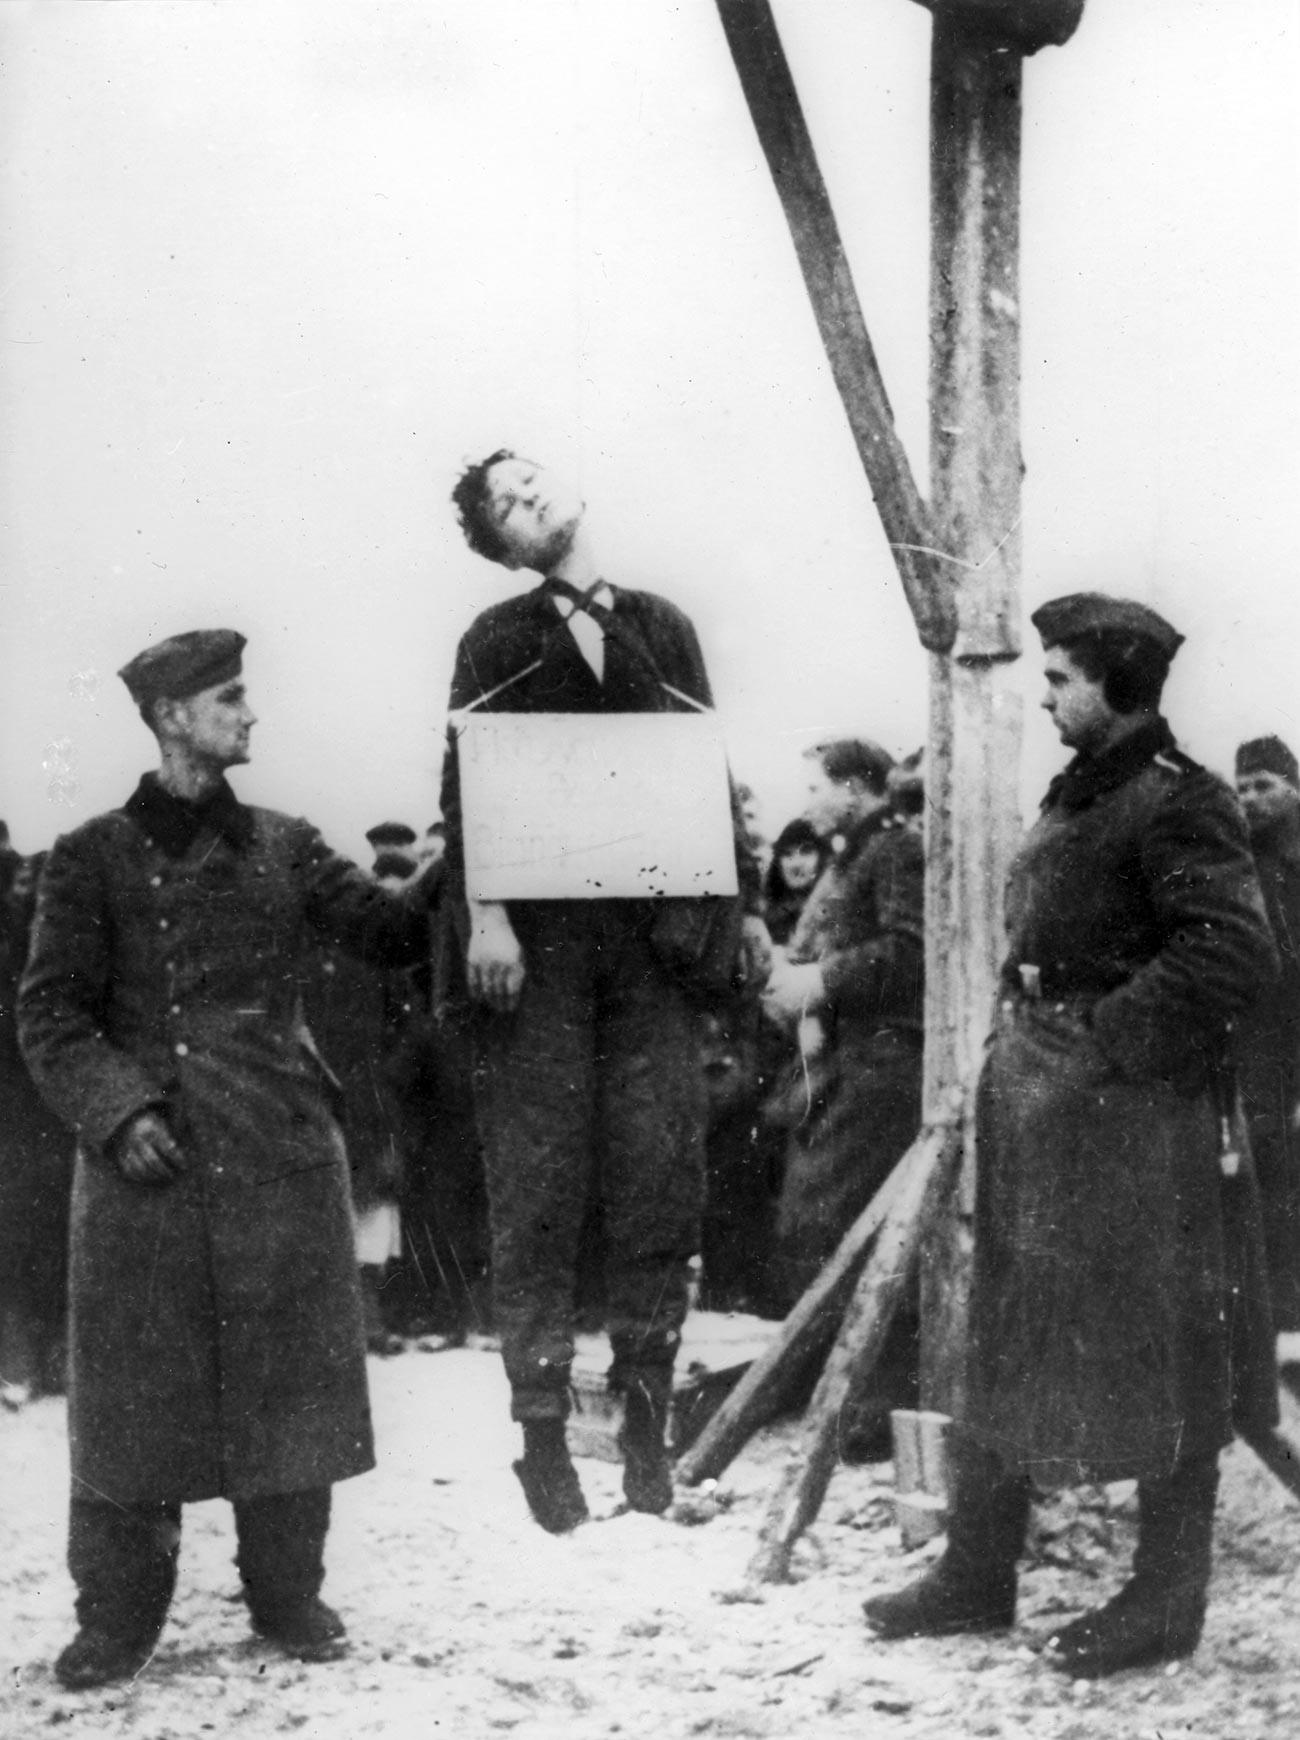 Ejecución de la saboteadora soviética Zoya Kosmodemyanskaya.